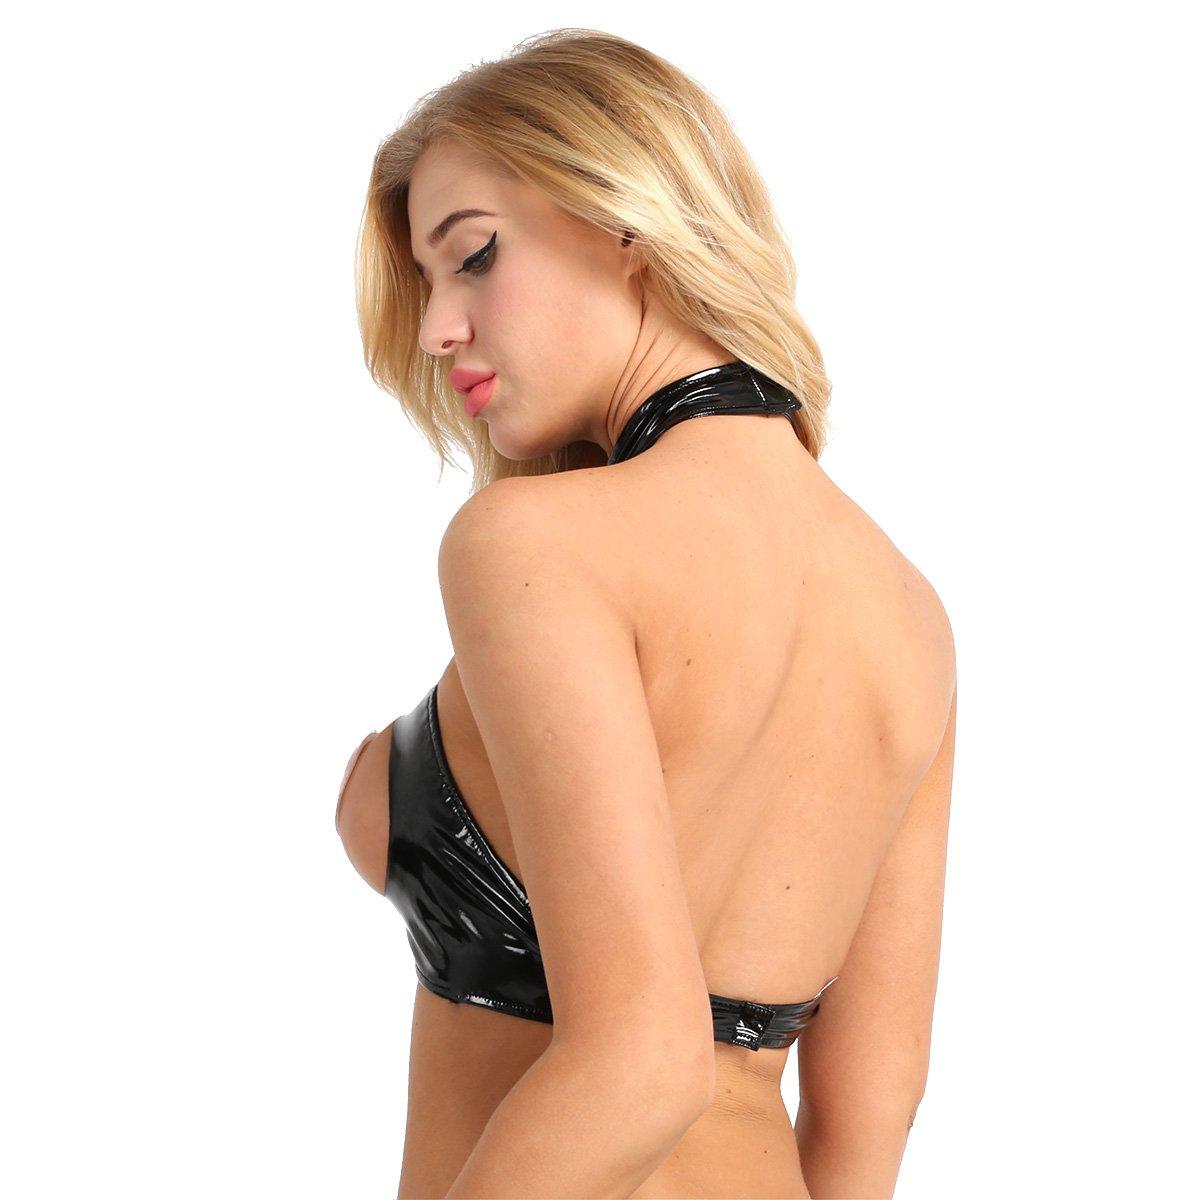 db2512f6d295 Freebily Camisetas Mujer Eroticas Camisetas de Cuero Negro de Mujer ...